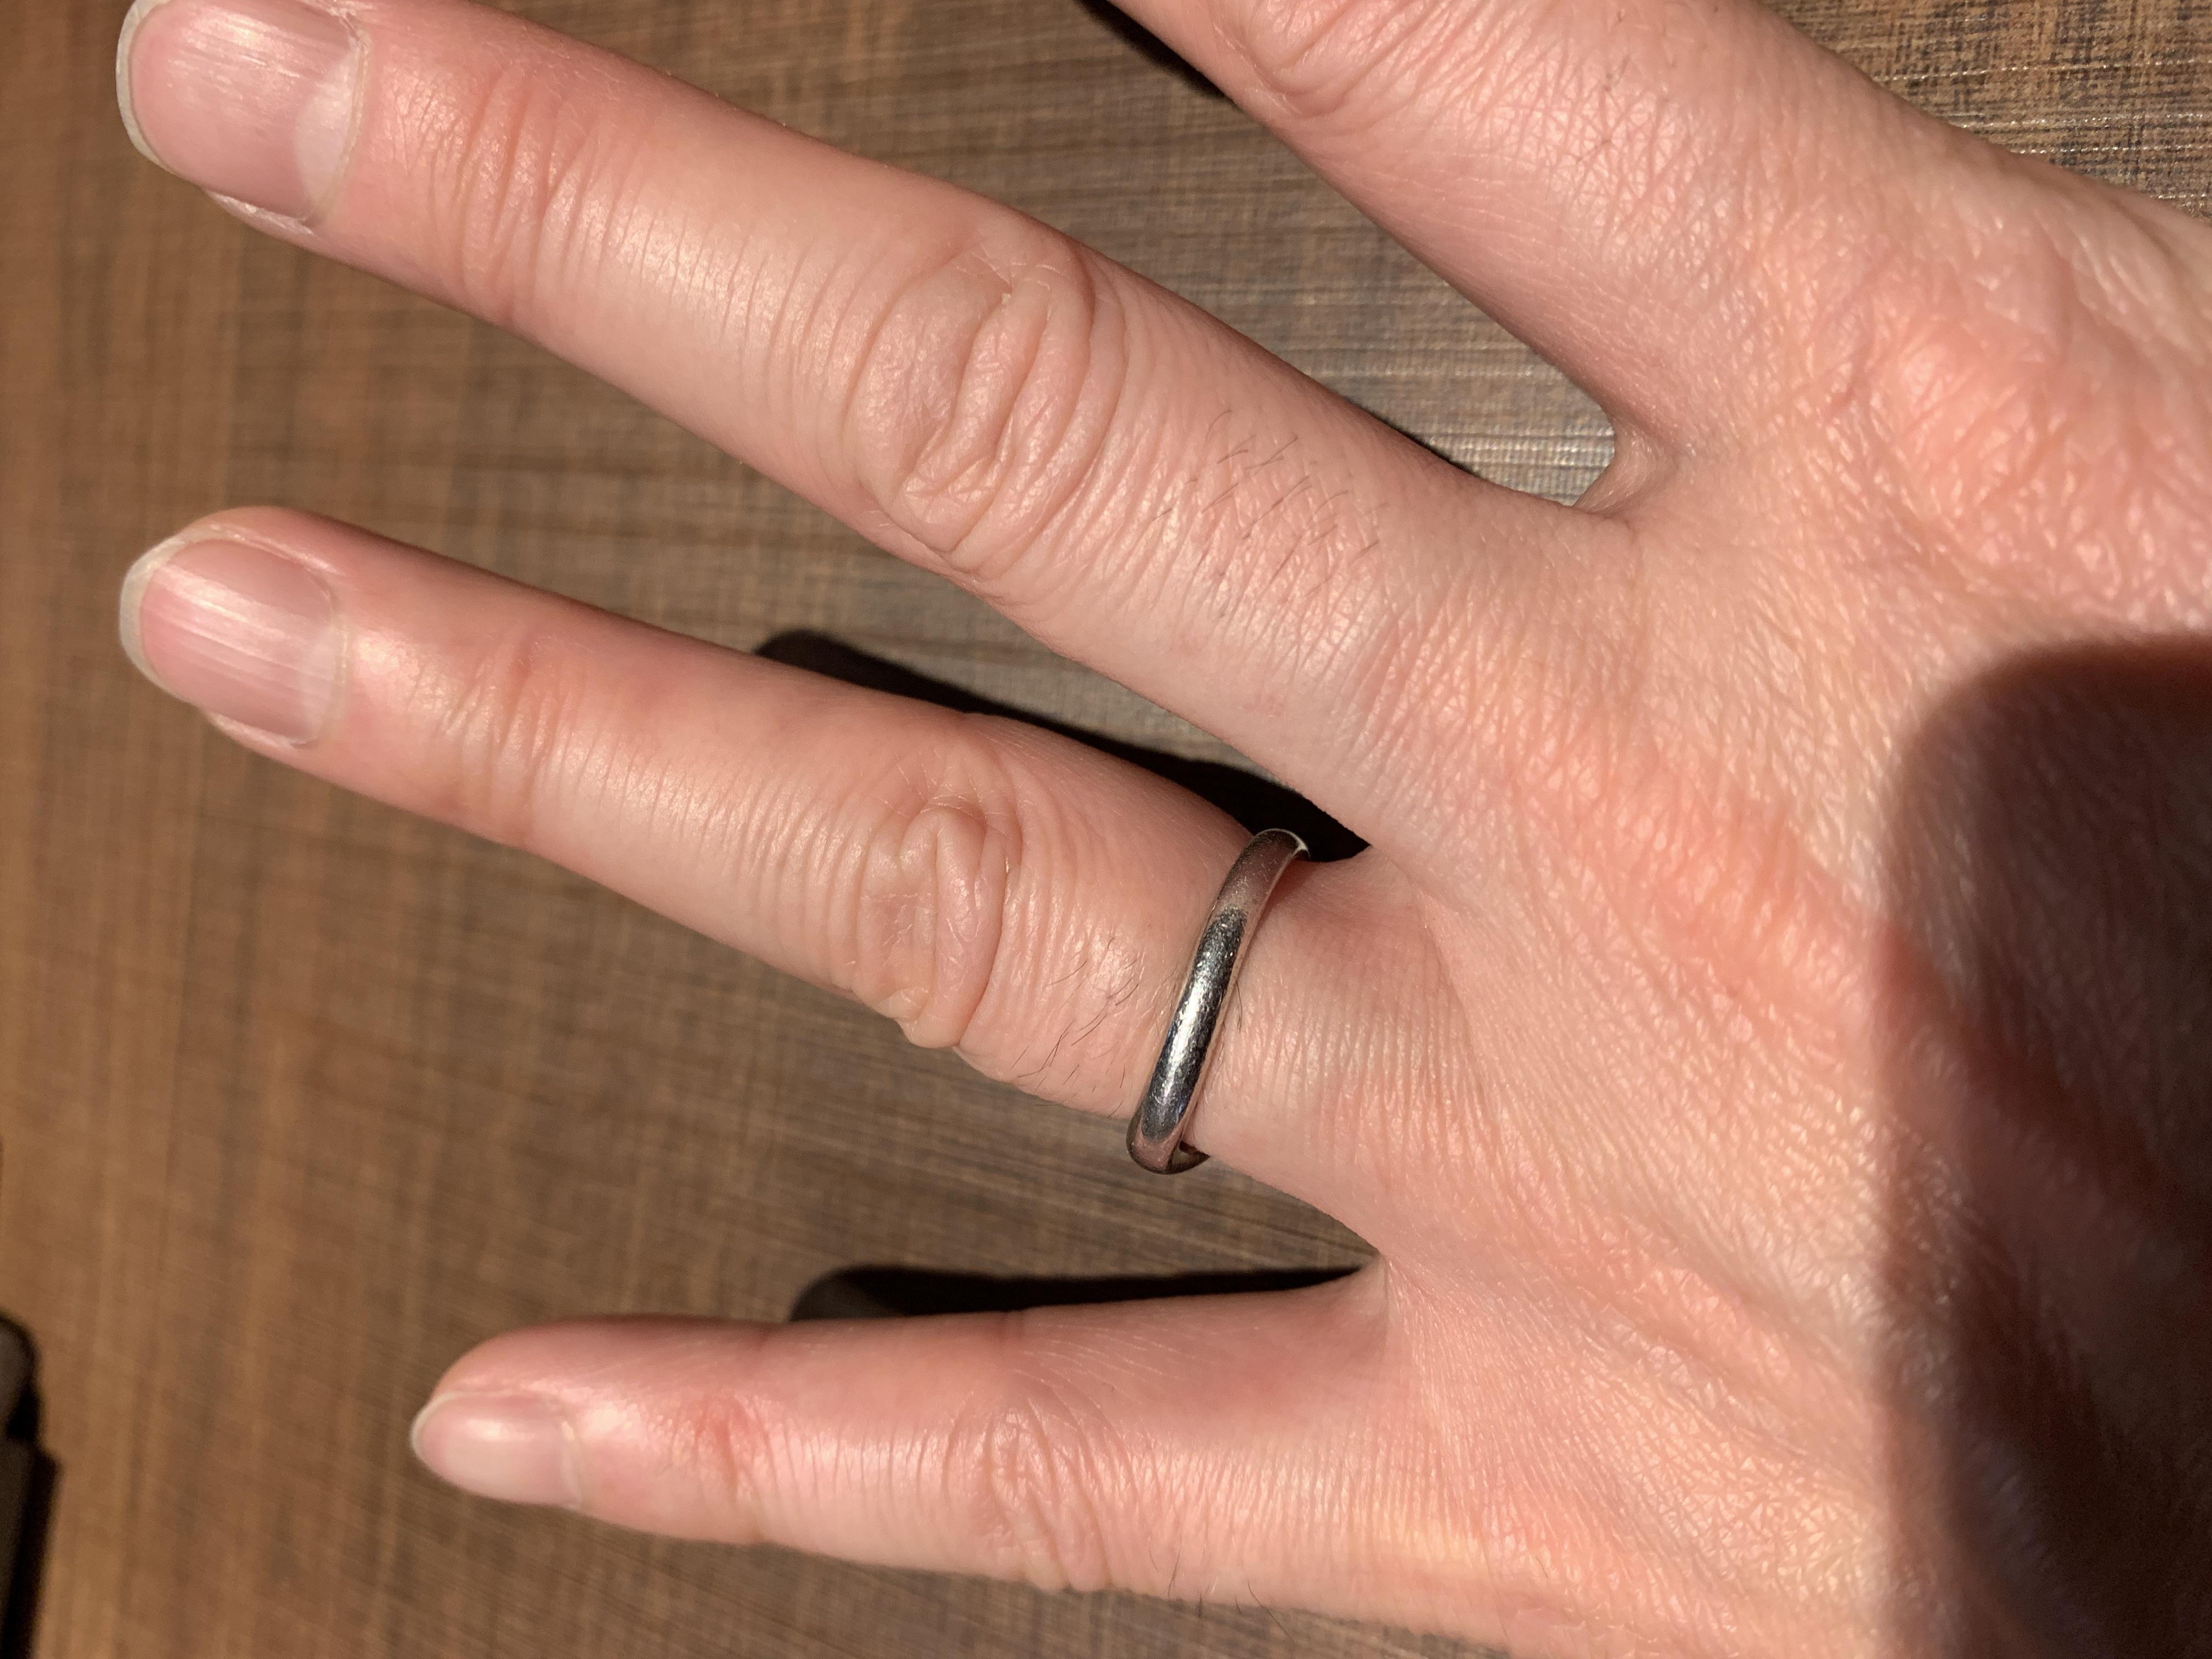 藤井寺市Kさんの事例。抜けなかった結婚指輪が抜けた!(結果には個人差があります)